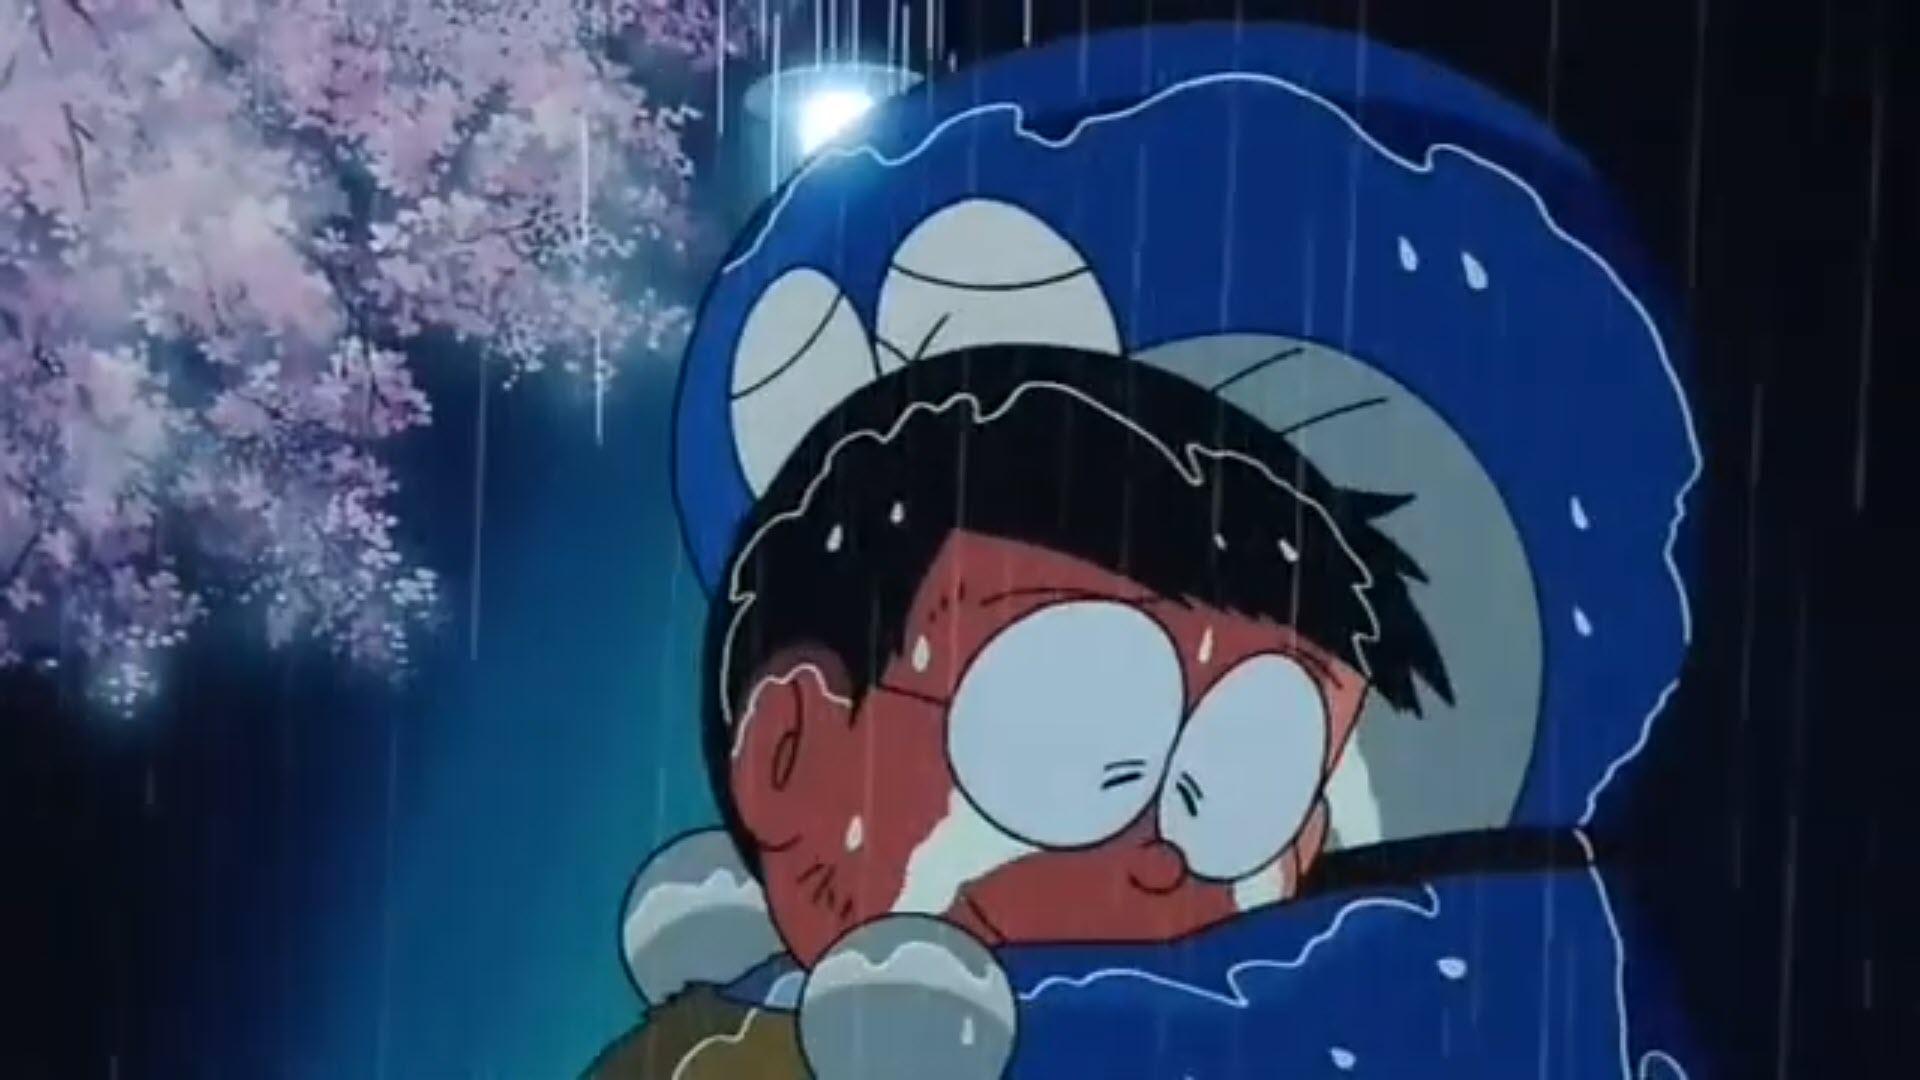 Hình Doraemon và Nobita khóc dưới mưa